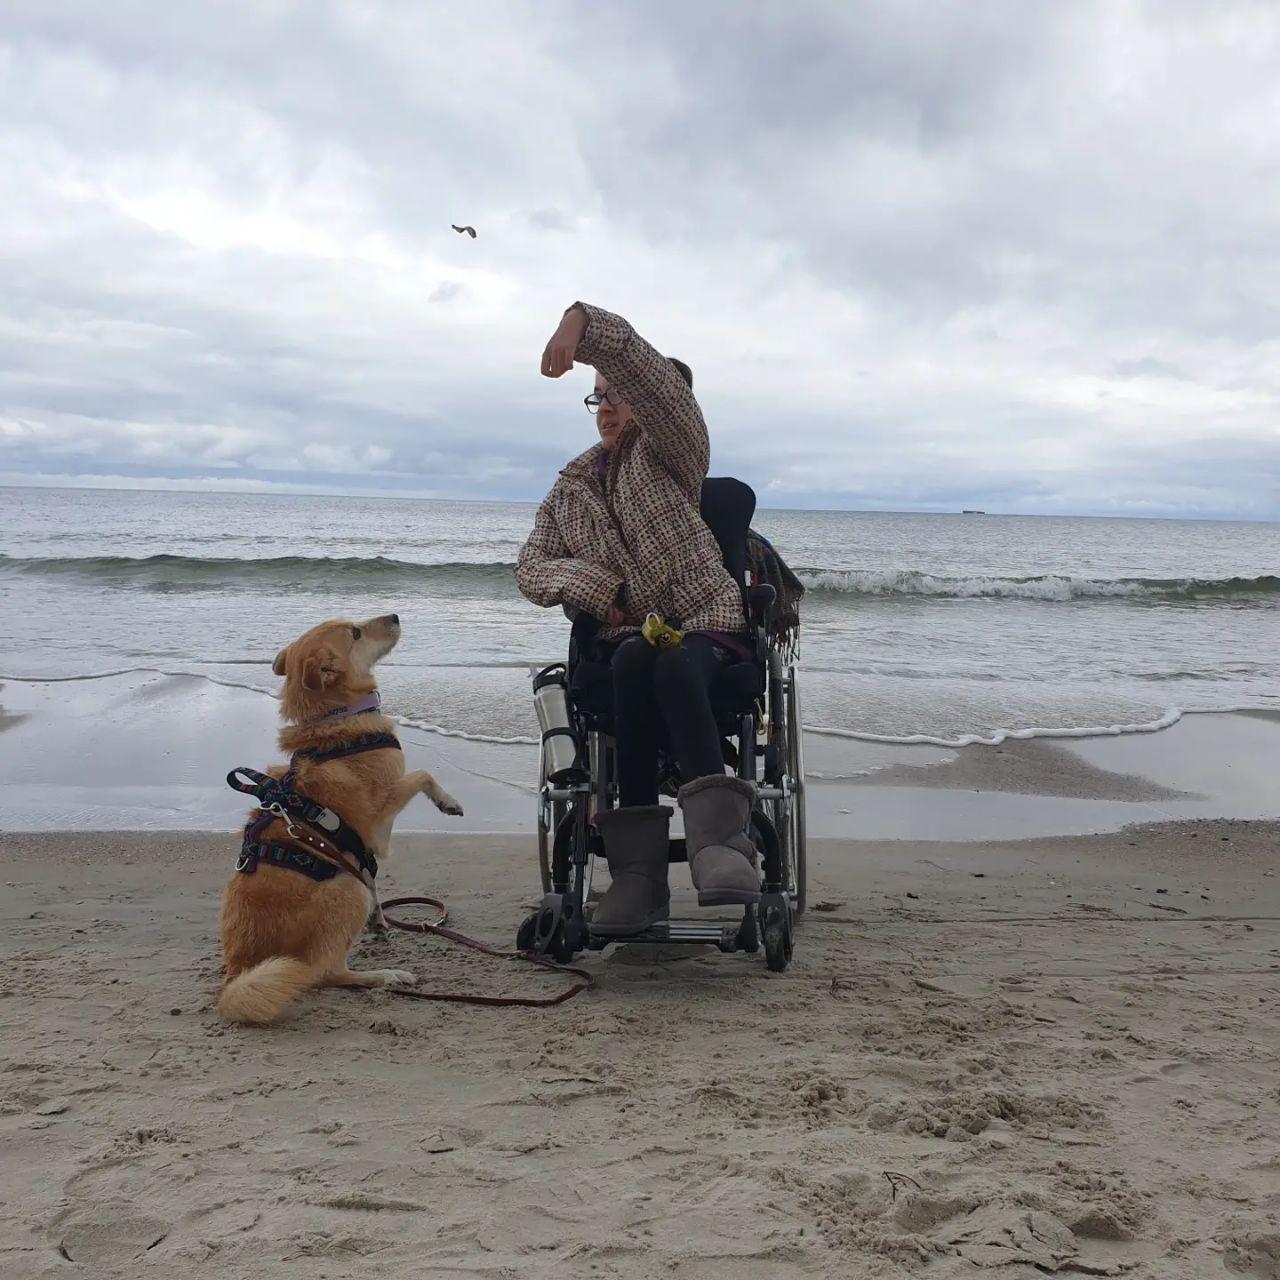 Laura sitzt in einem manuellen Rollstuhl an der Wasserkante. Ein Hund ist links neben dem Rollstuhl und beginnt gerade zu springen. Über dem Hund fliegt eine getrocknete Sardelle.